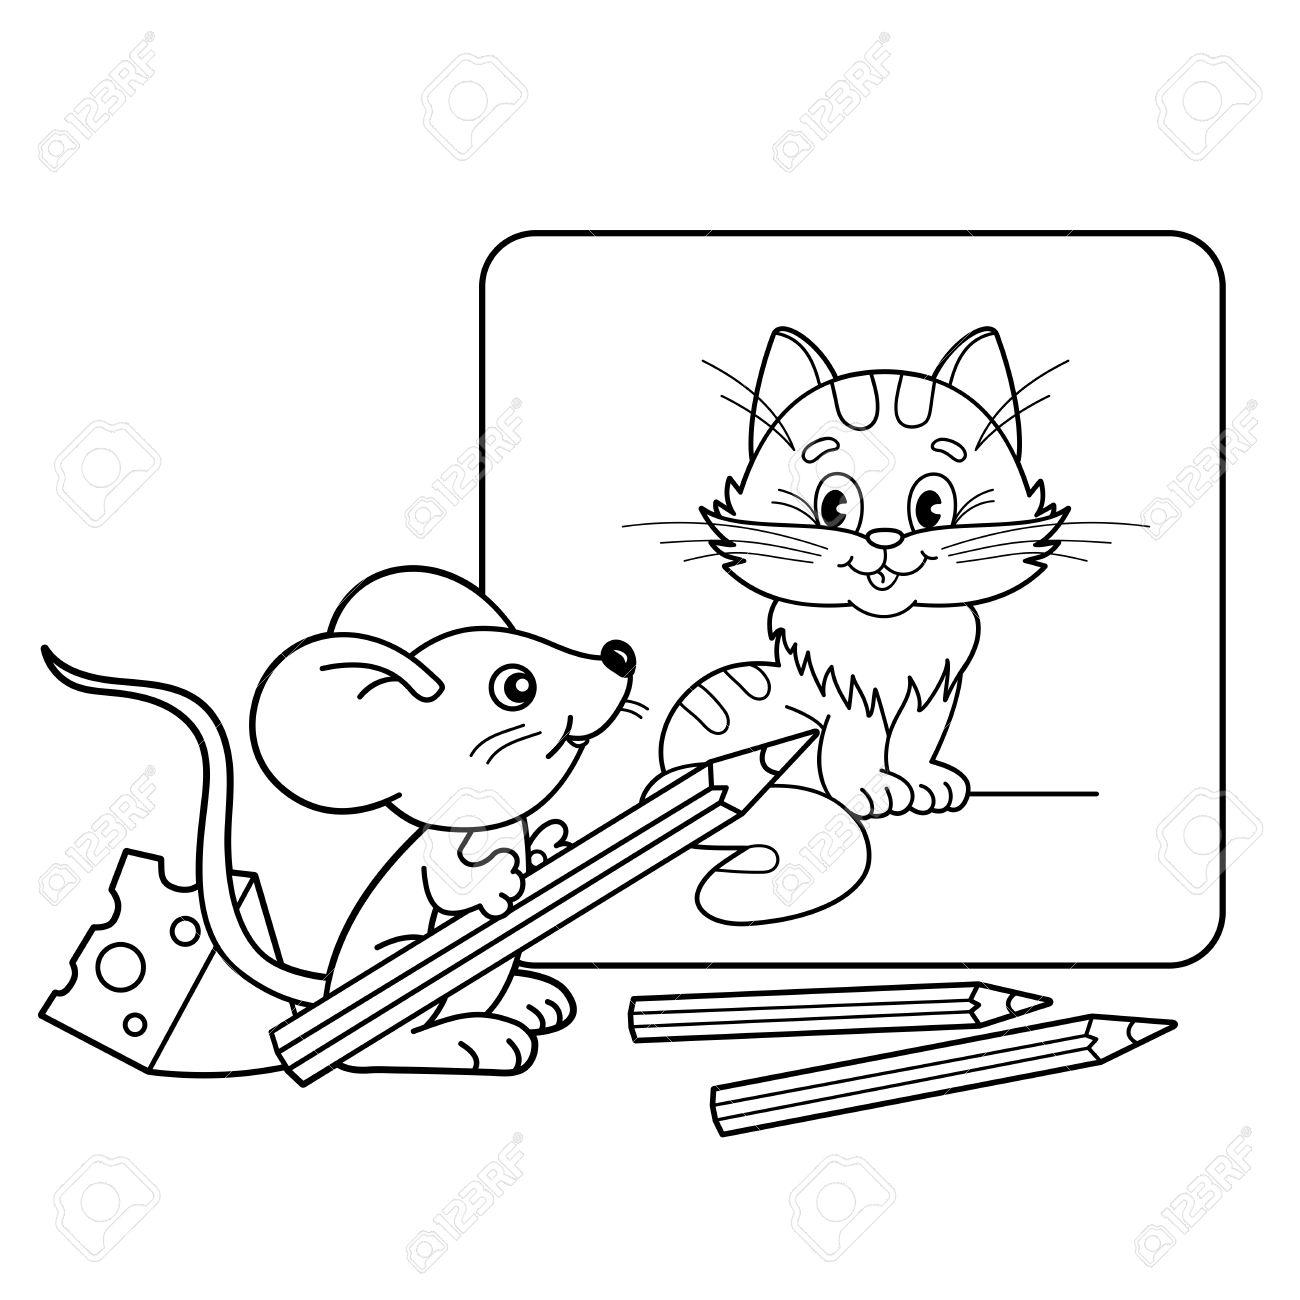 Coloring Seite Umriss Cartoon Kleine Maus Mit Bleistiften Mit Bild ...